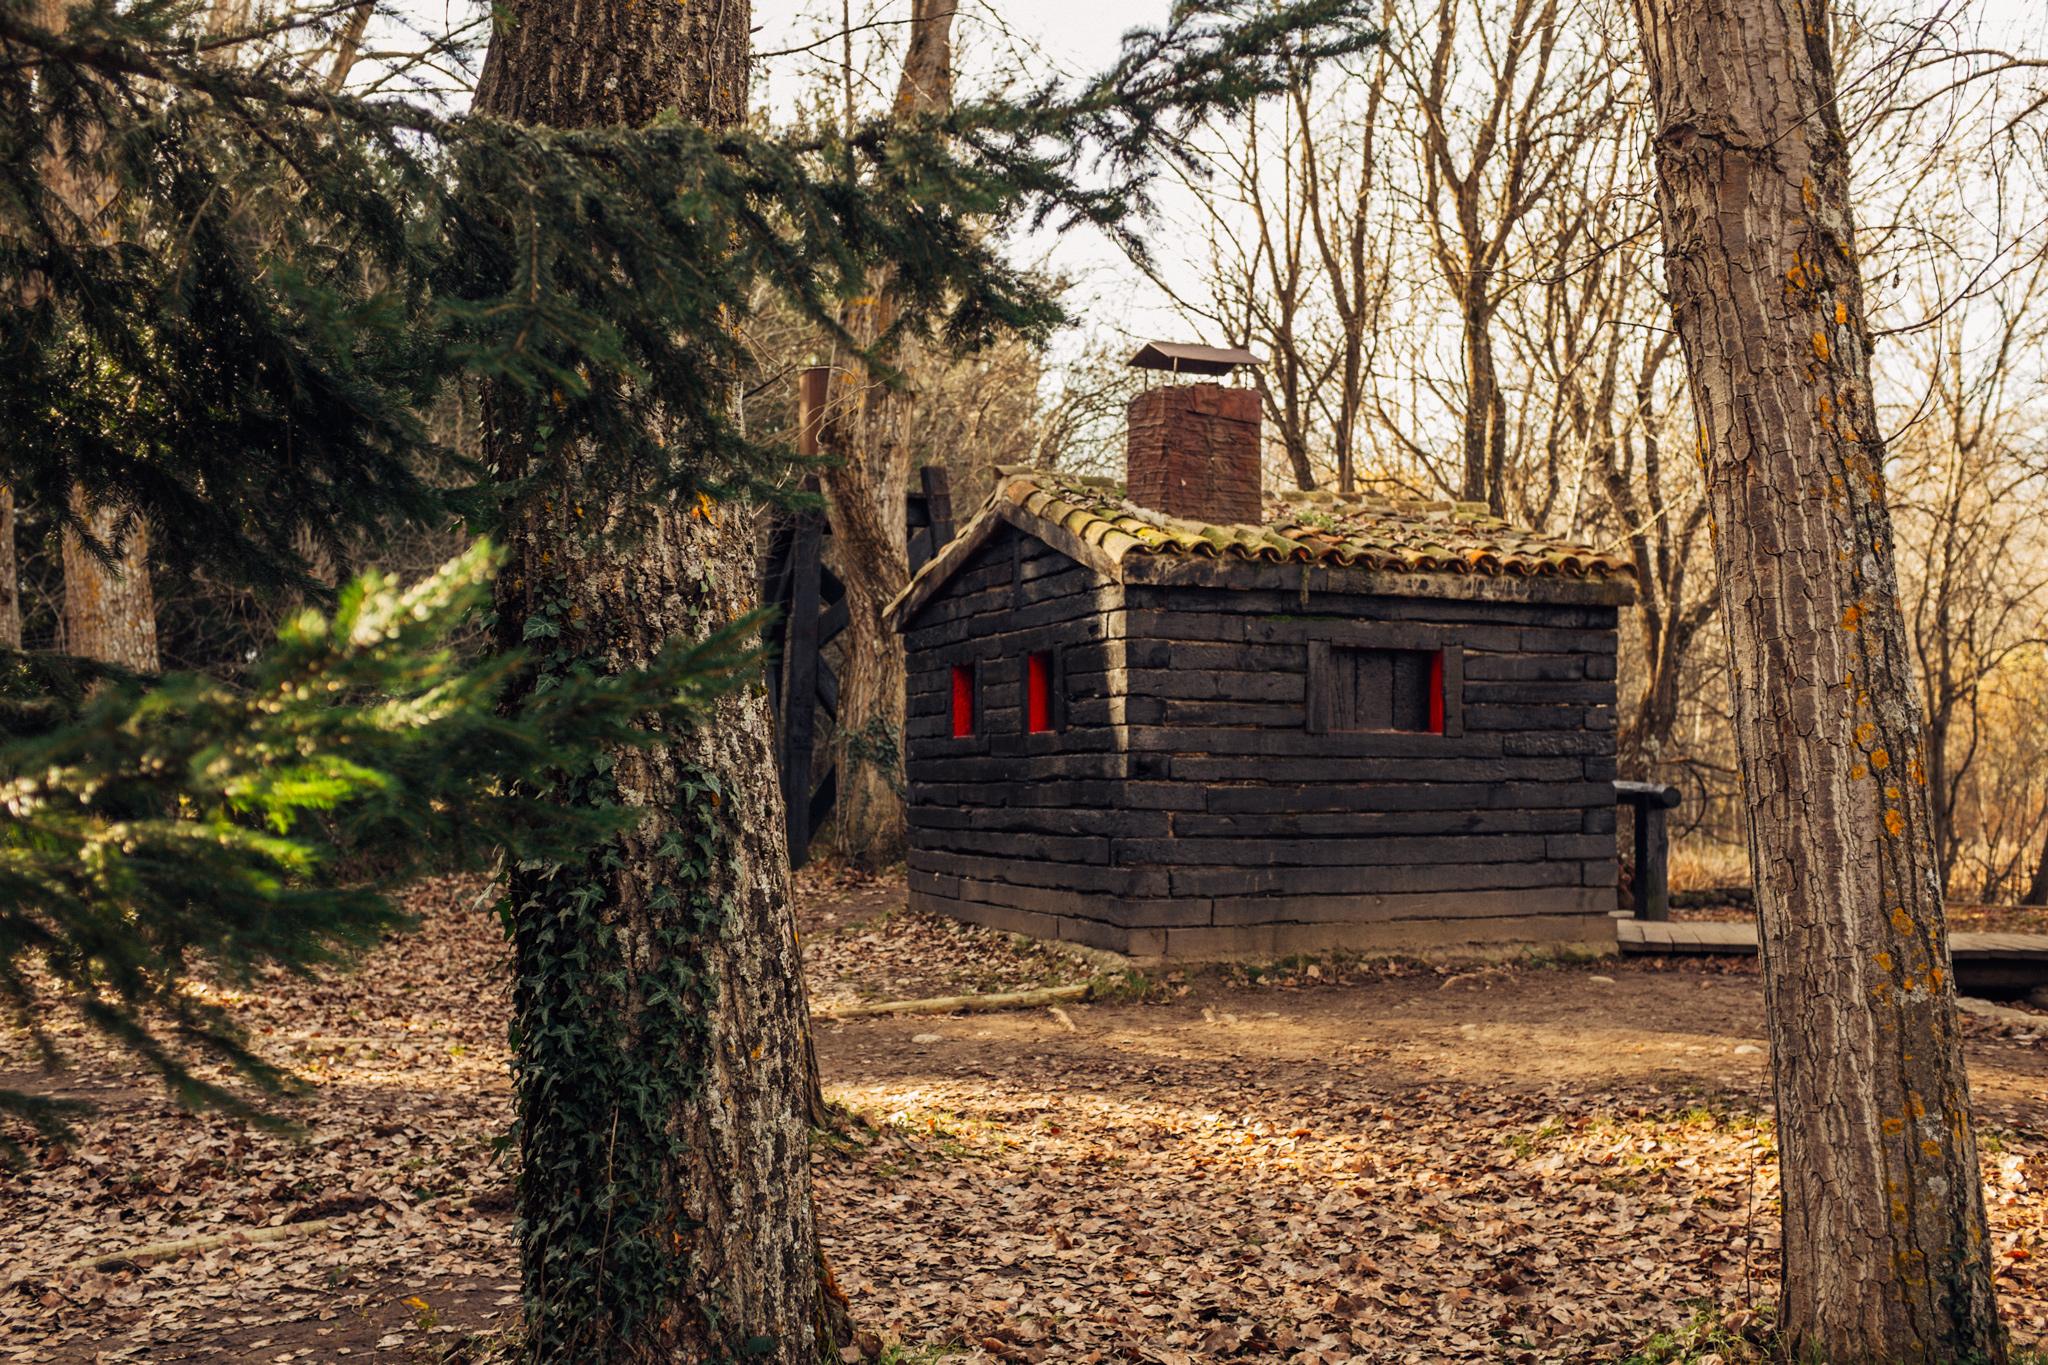 El bosque de finlandia adri n cano franco - Cabanas de madera los pinos ...